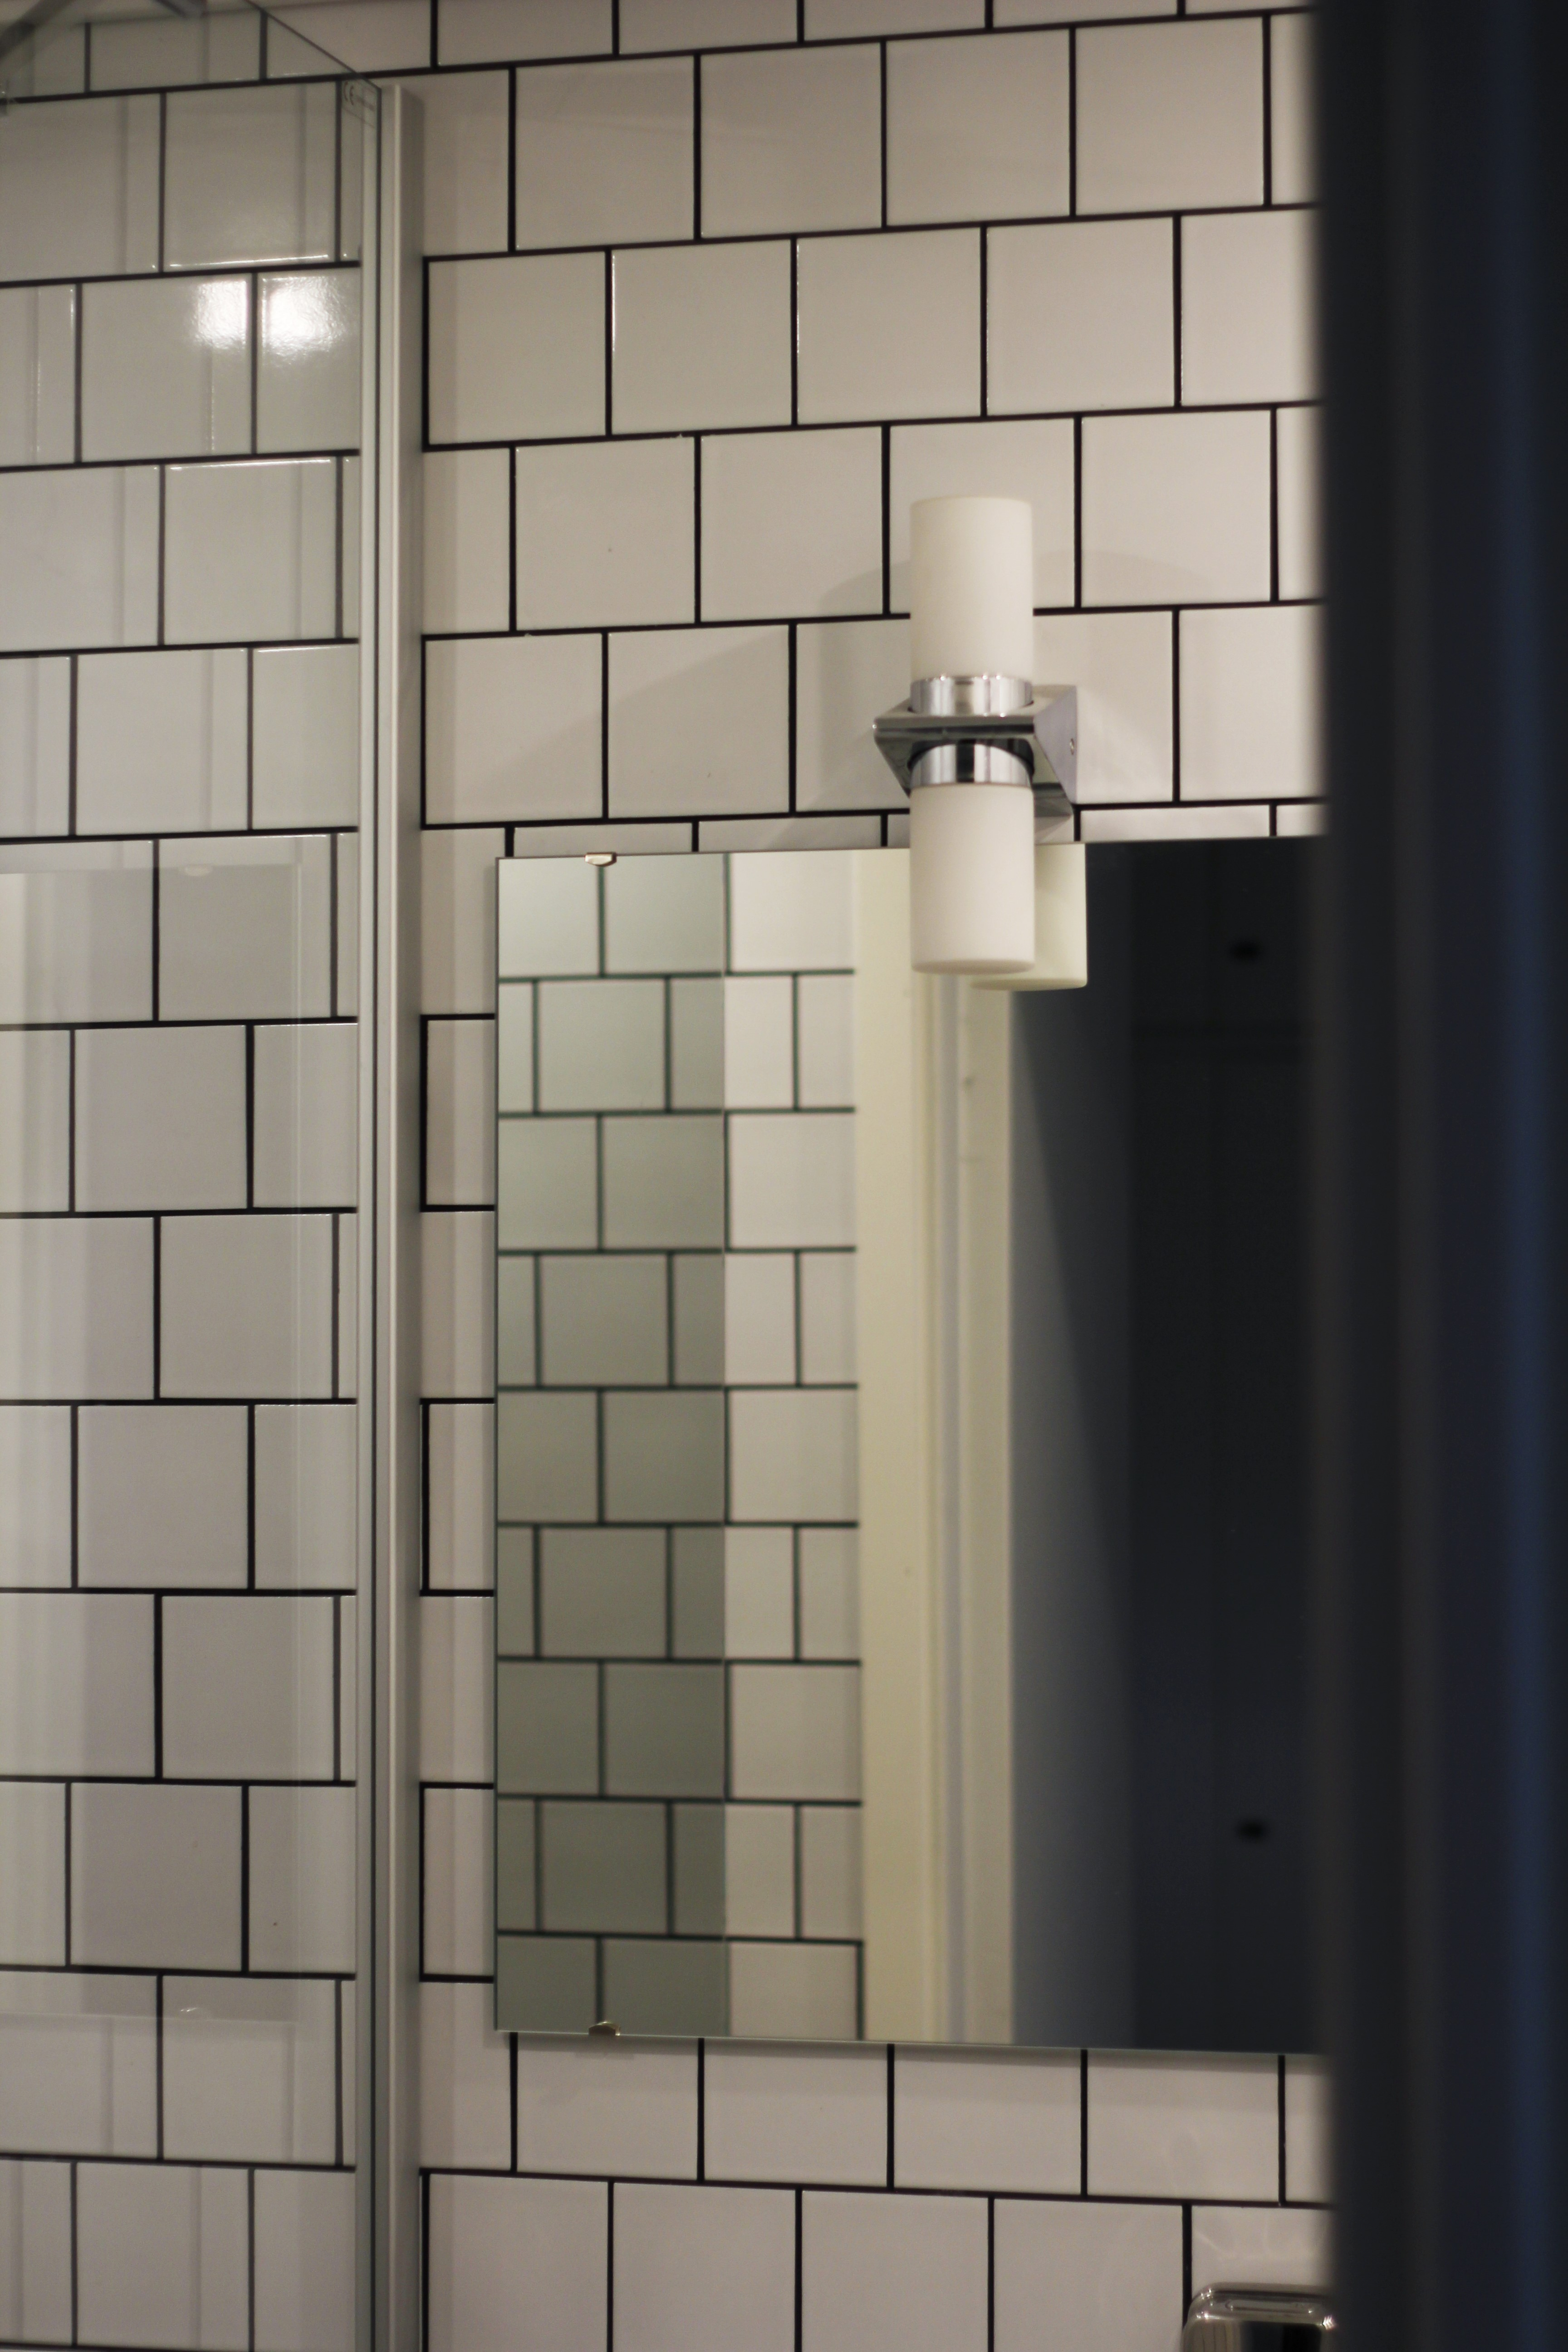 Peilikaapin sijasta valitsimme eleettömän kehyksettömän peilin, joka leikattiin mittojen mukaan Reijosen Lasipalvelussa. Valaisin peilin yllä on ruotsalaisen Anetan.